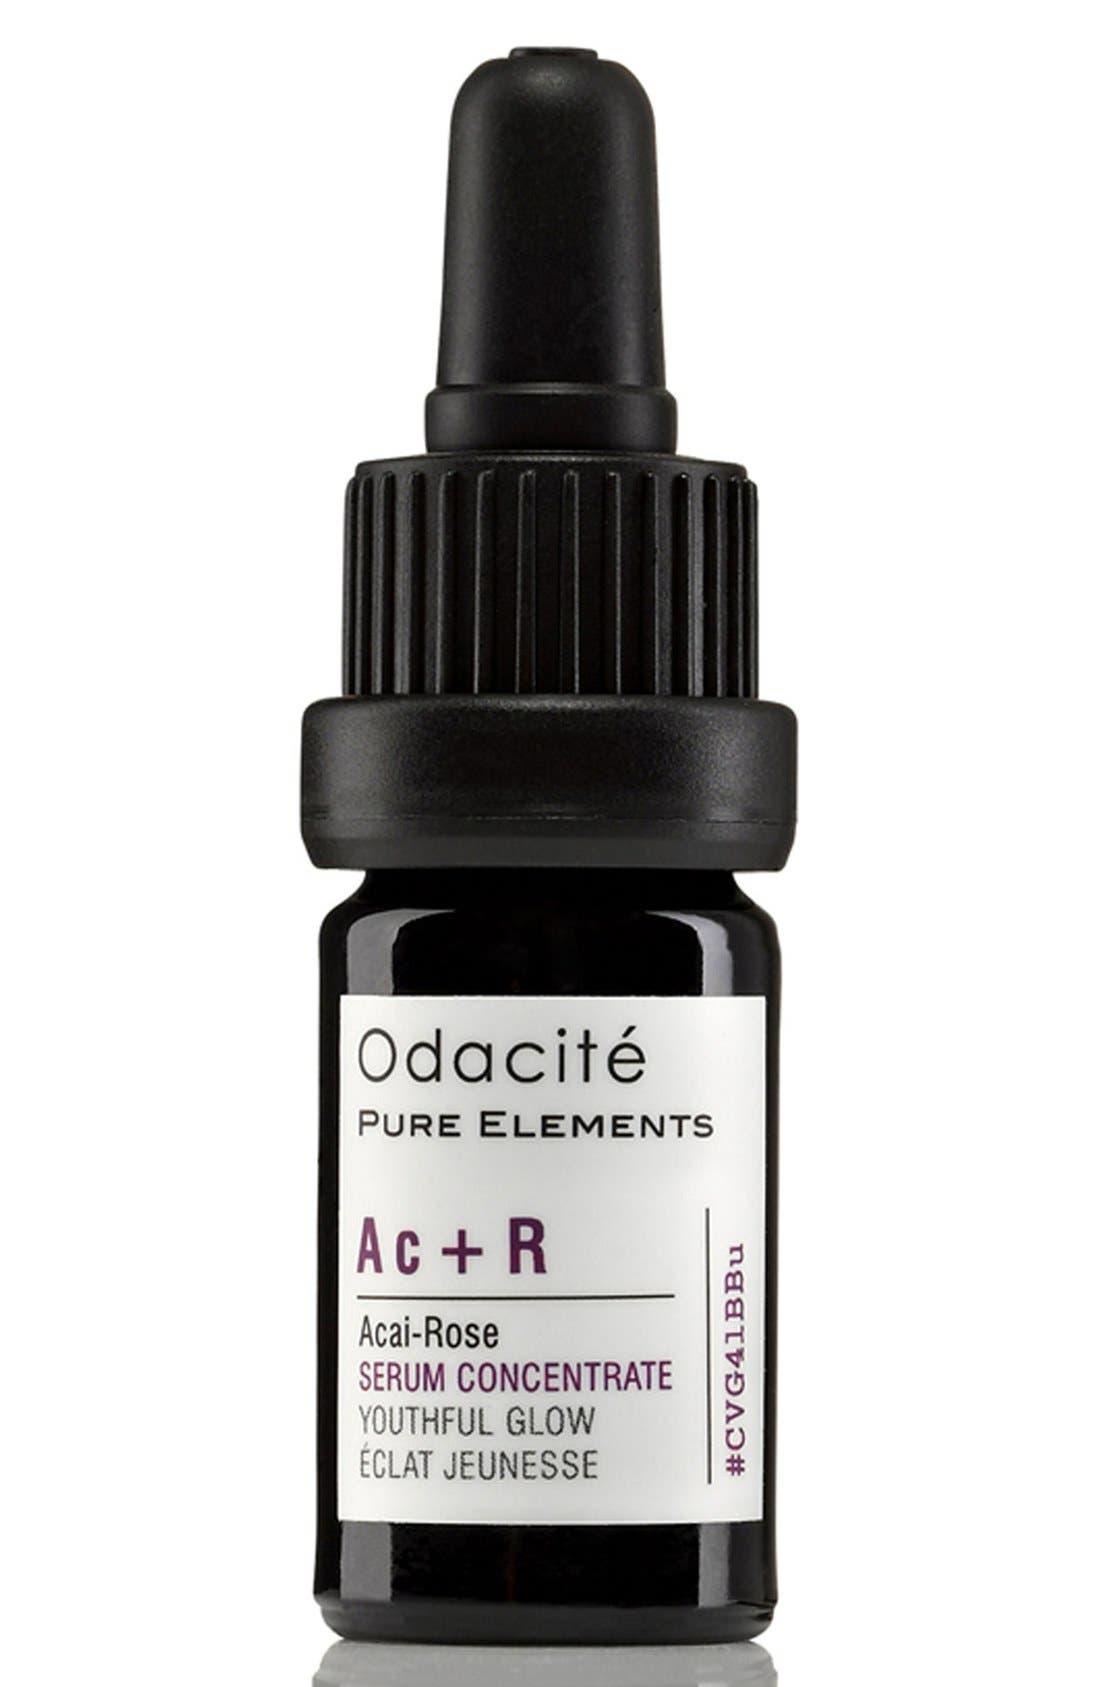 Odacité Ac + R Açai-Rose Youthful Glow Facial Serum Concentrate